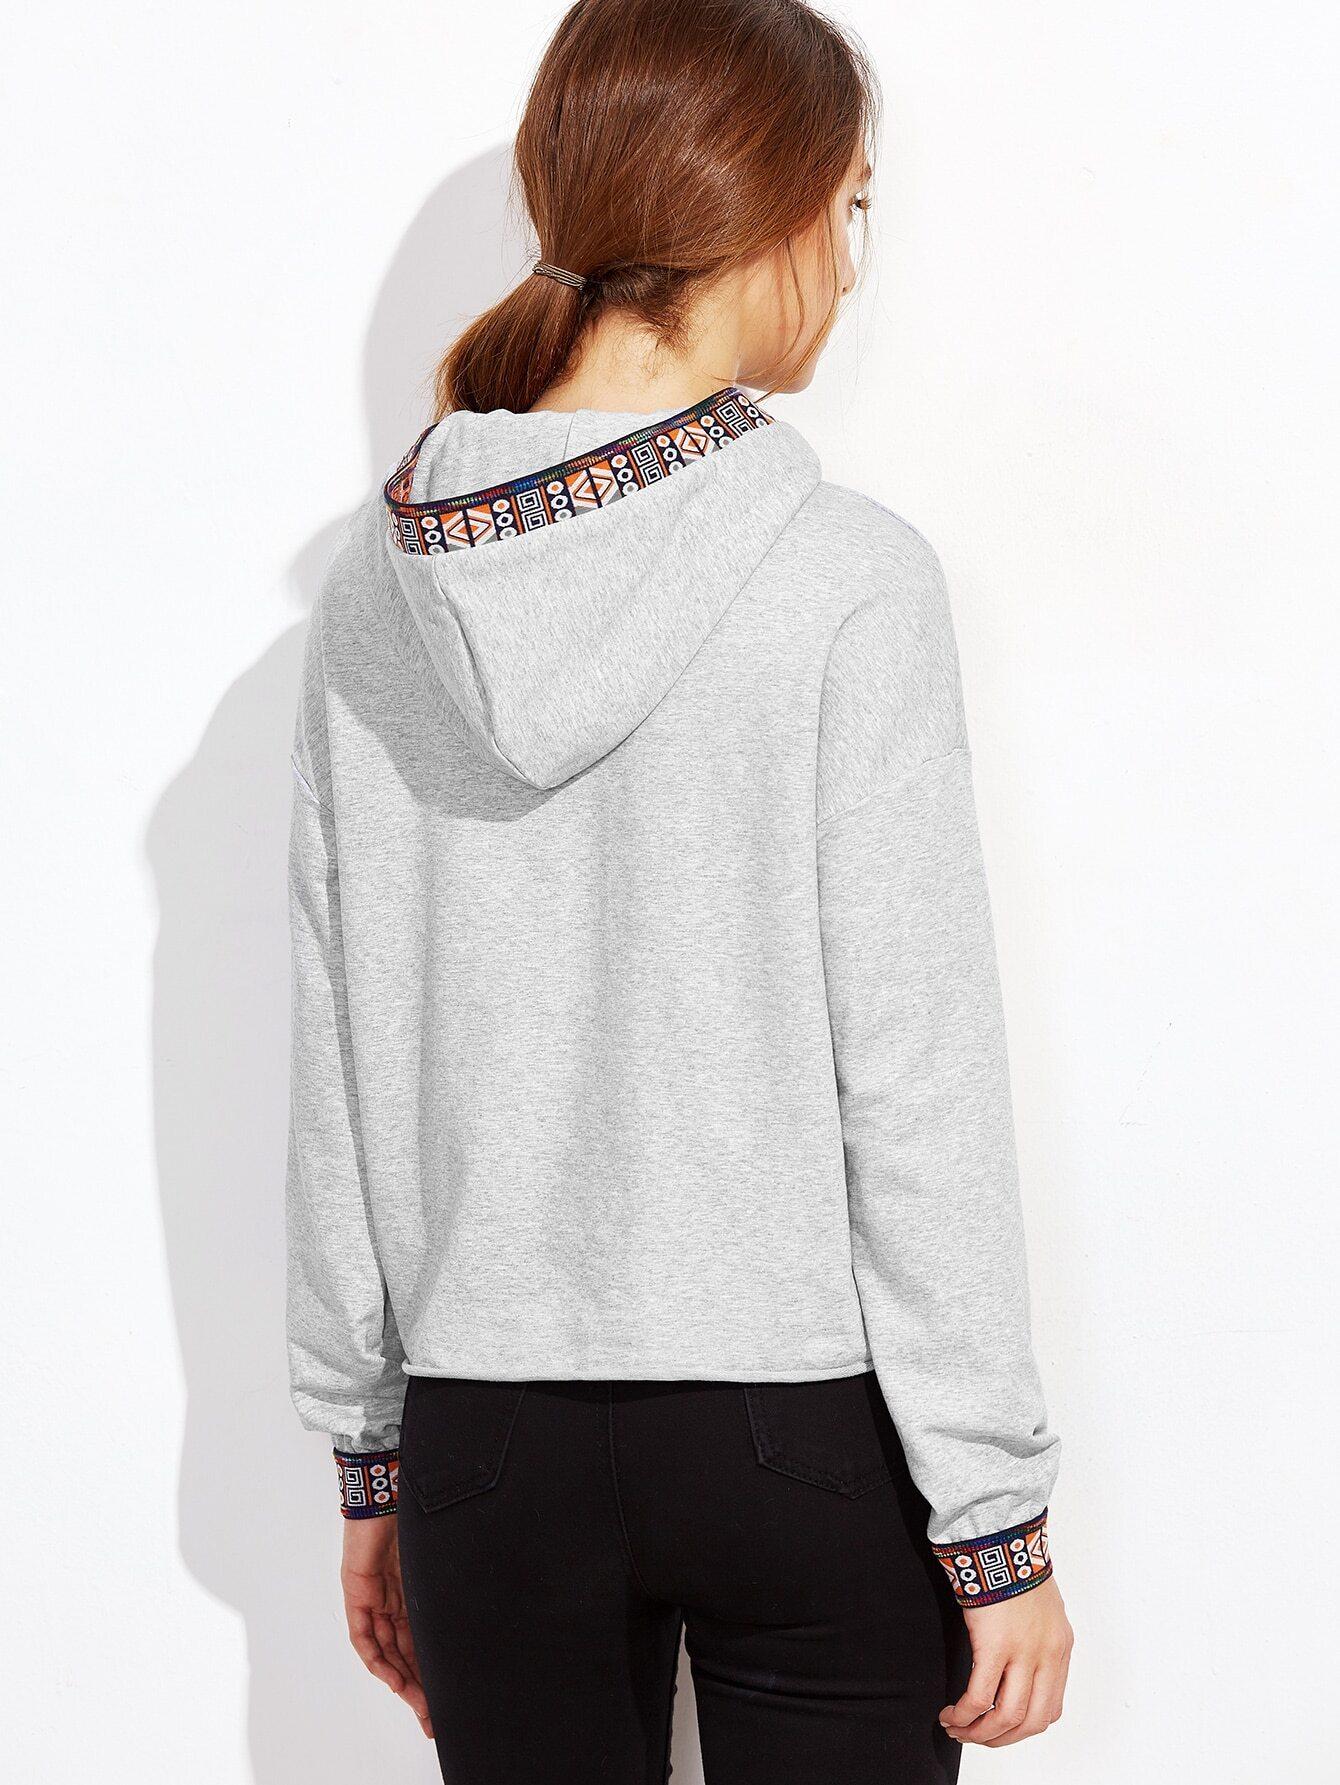 sweatshirt161011711_2